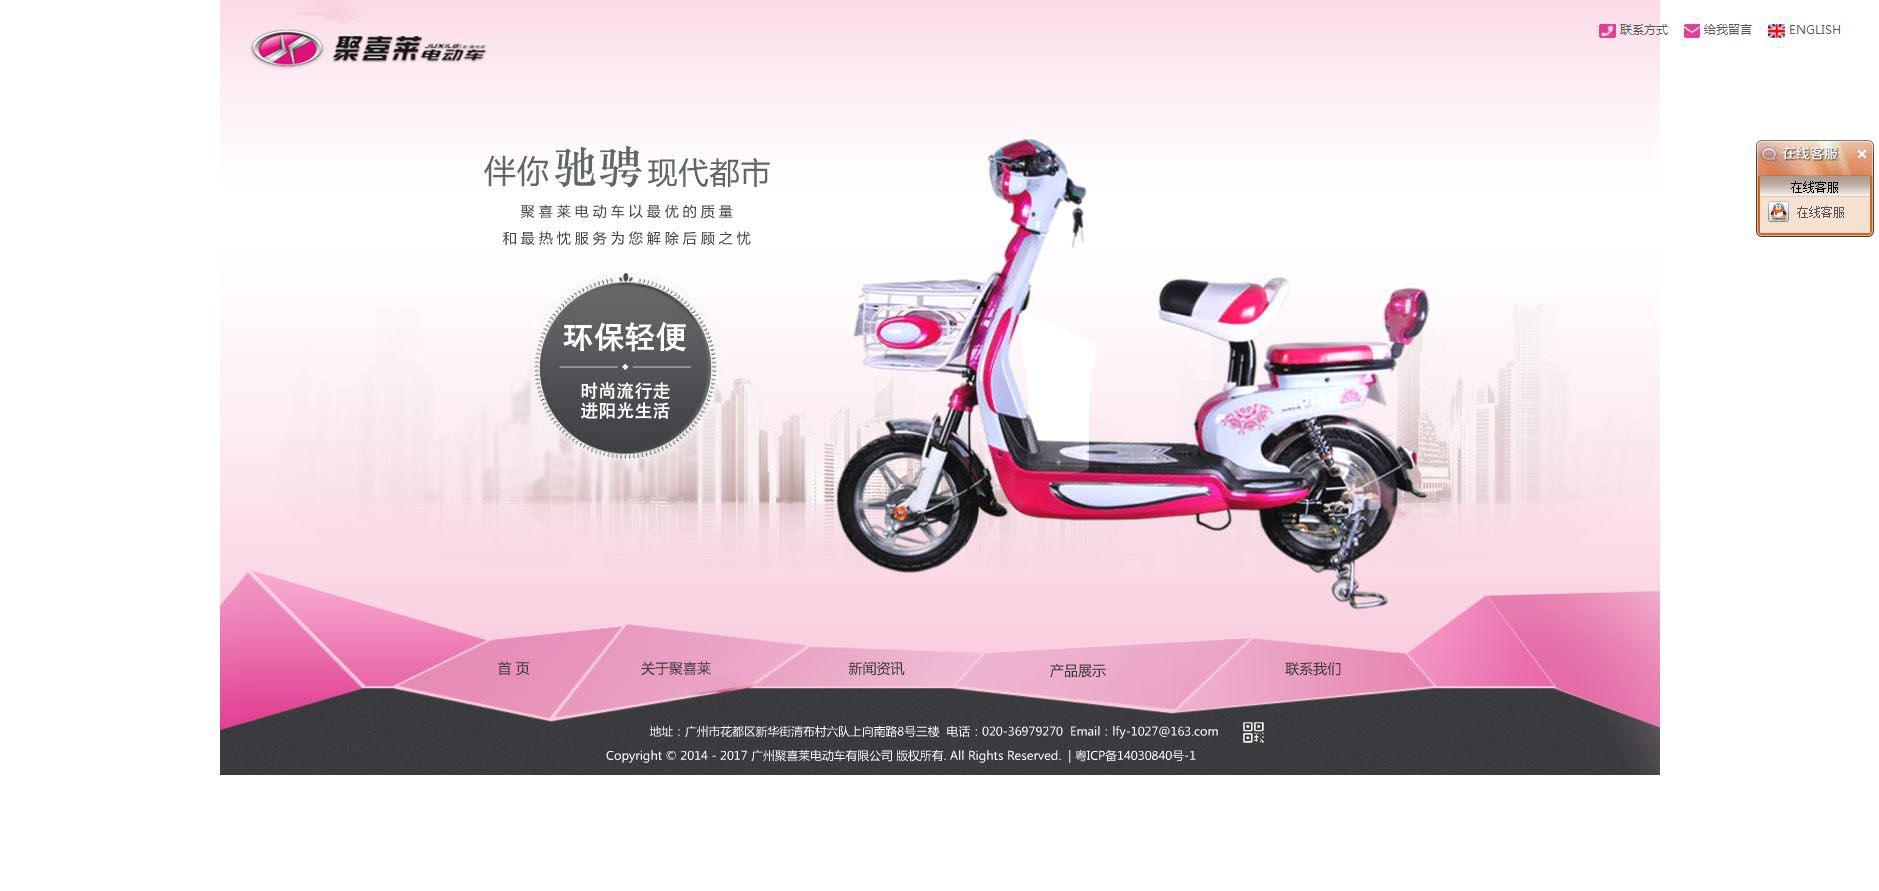 广州市聚喜莱车业有限公司